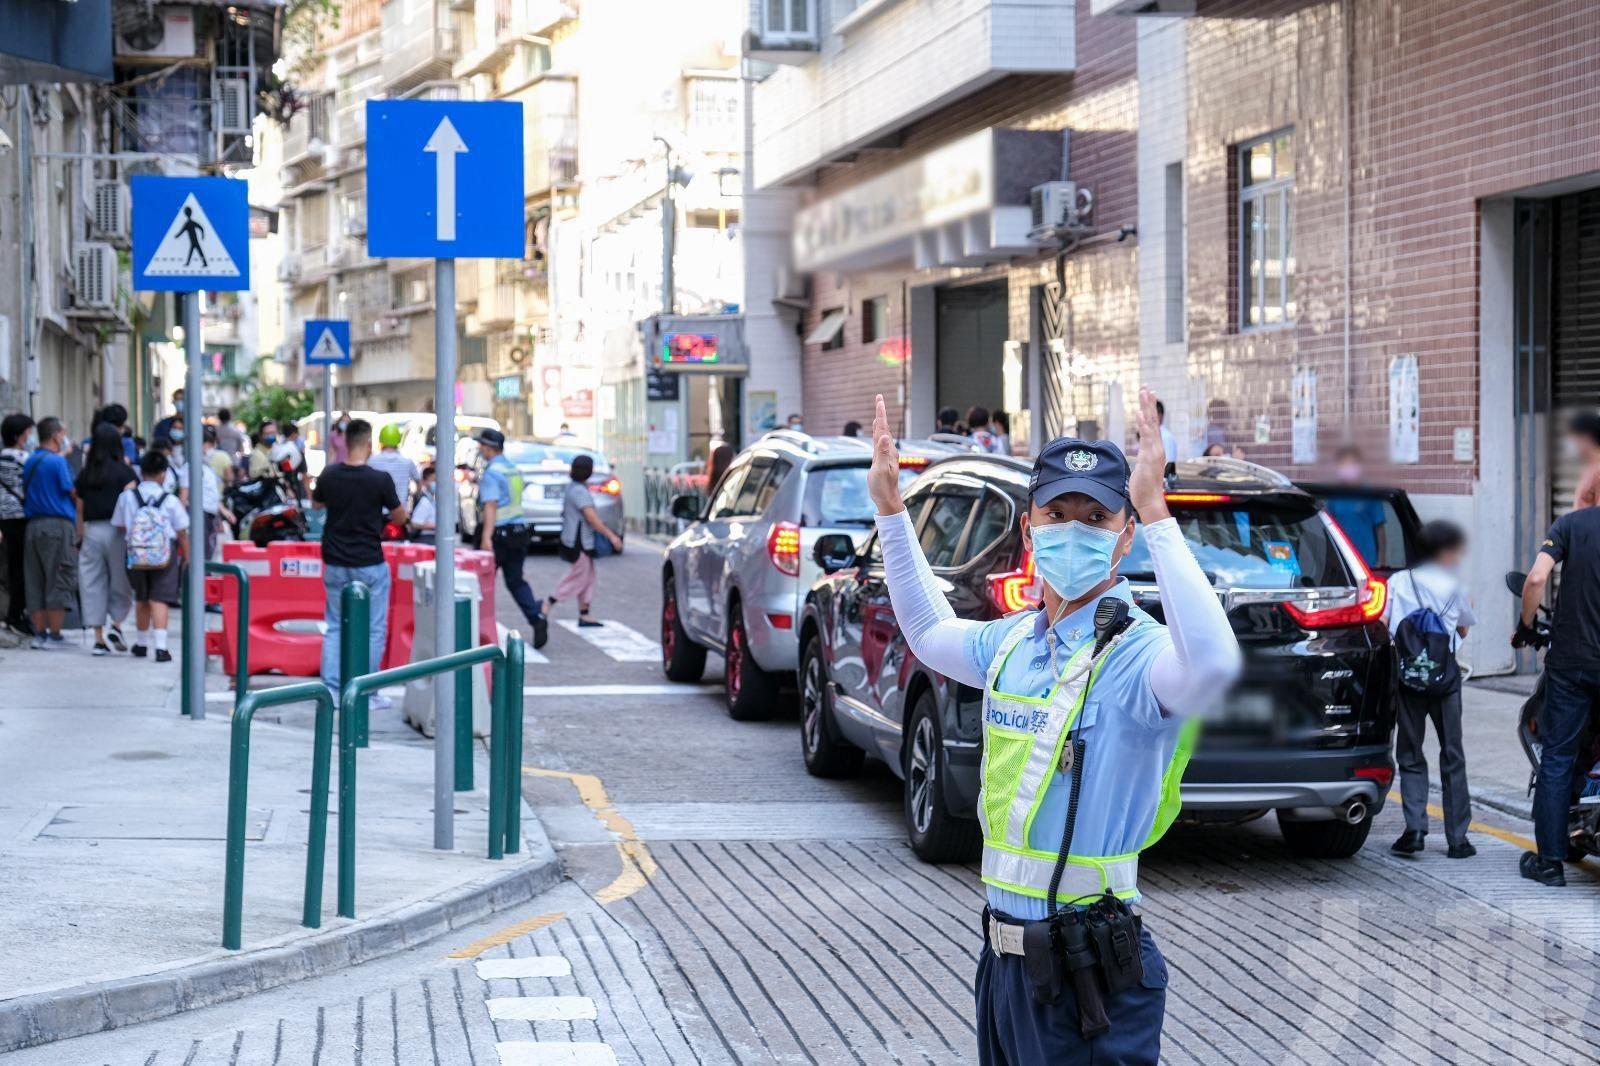 治安警:上午交通及出入境順暢